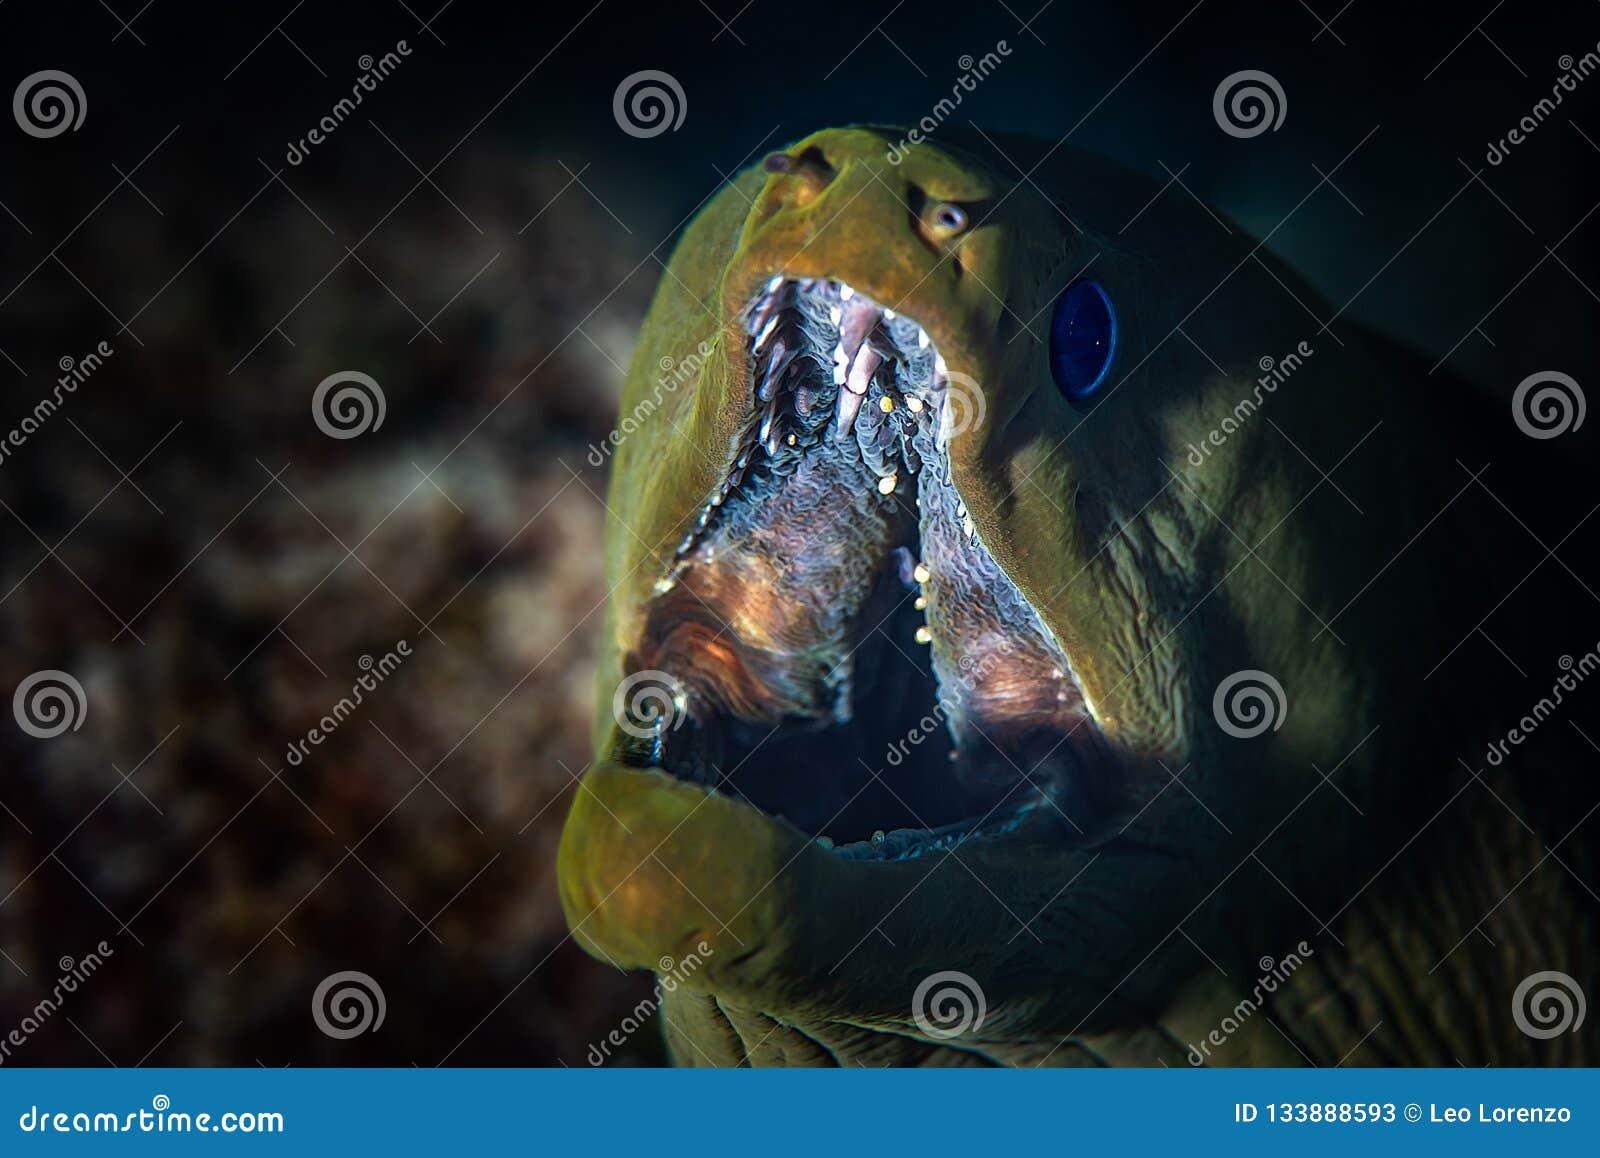 Zielony murena węgorz w górę